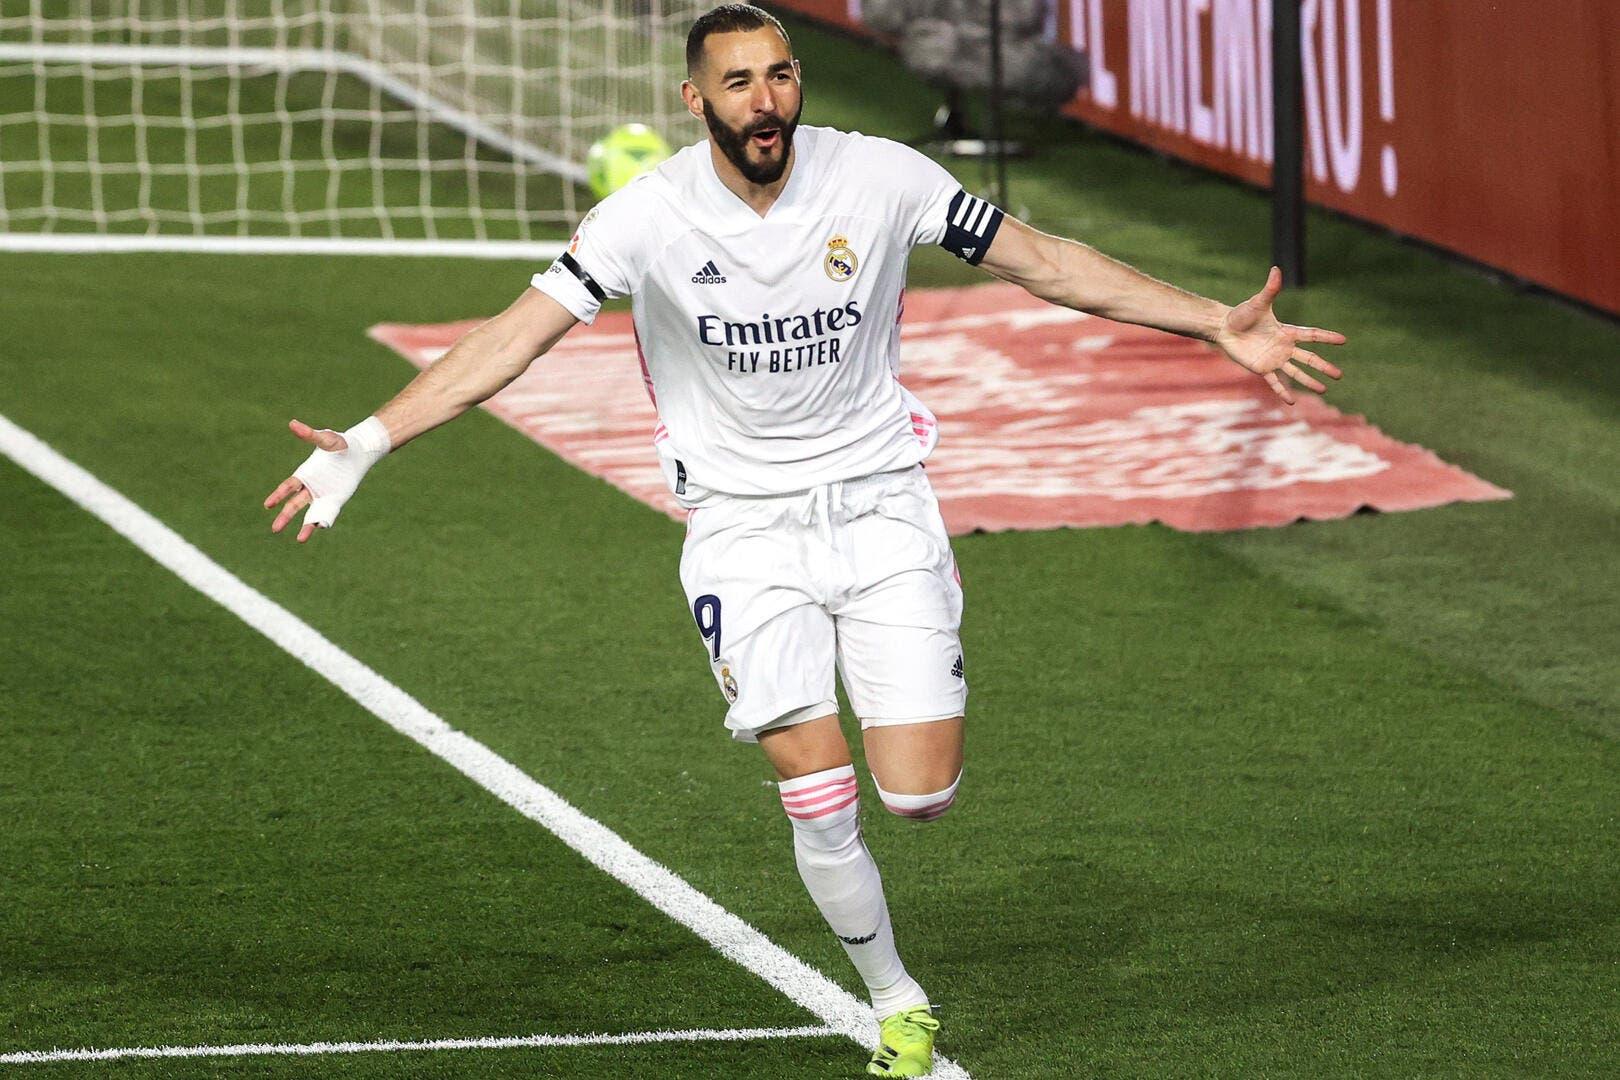 Esp : Le roi a tranché, Benzema élu meilleur attaquant au monde